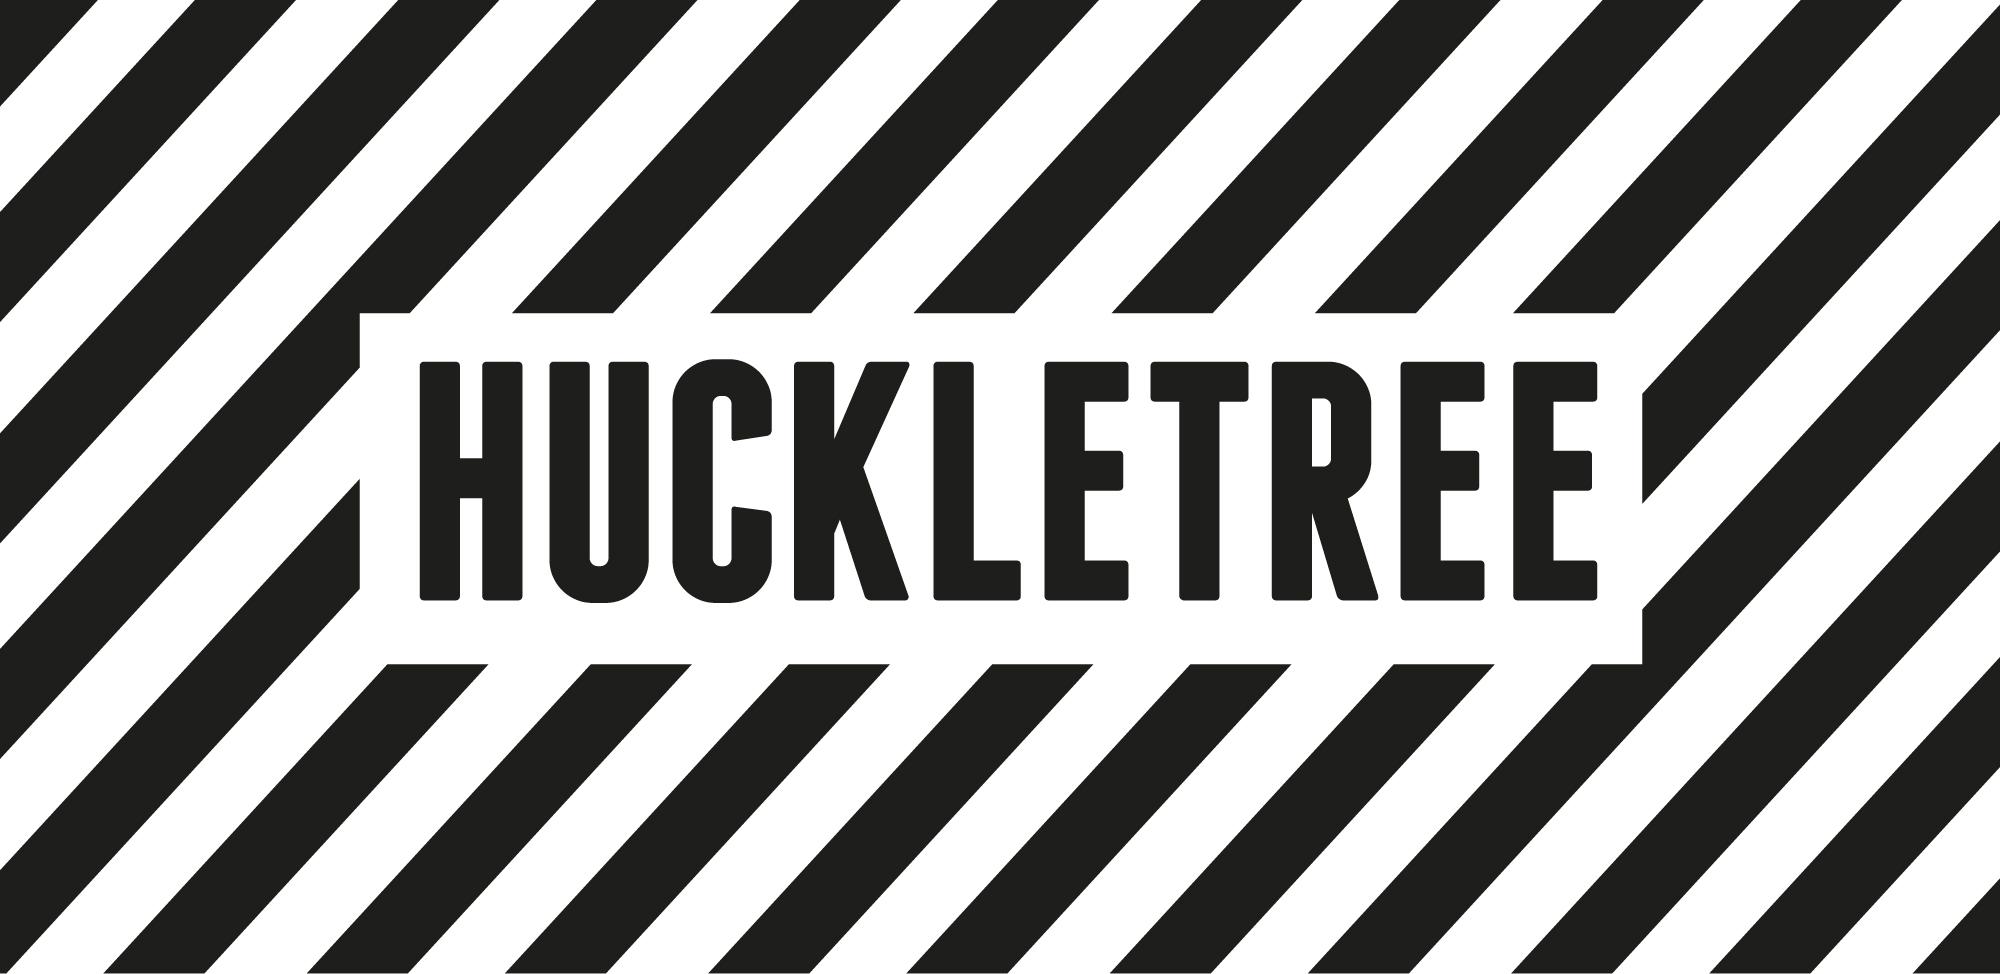 Huckletree_logo